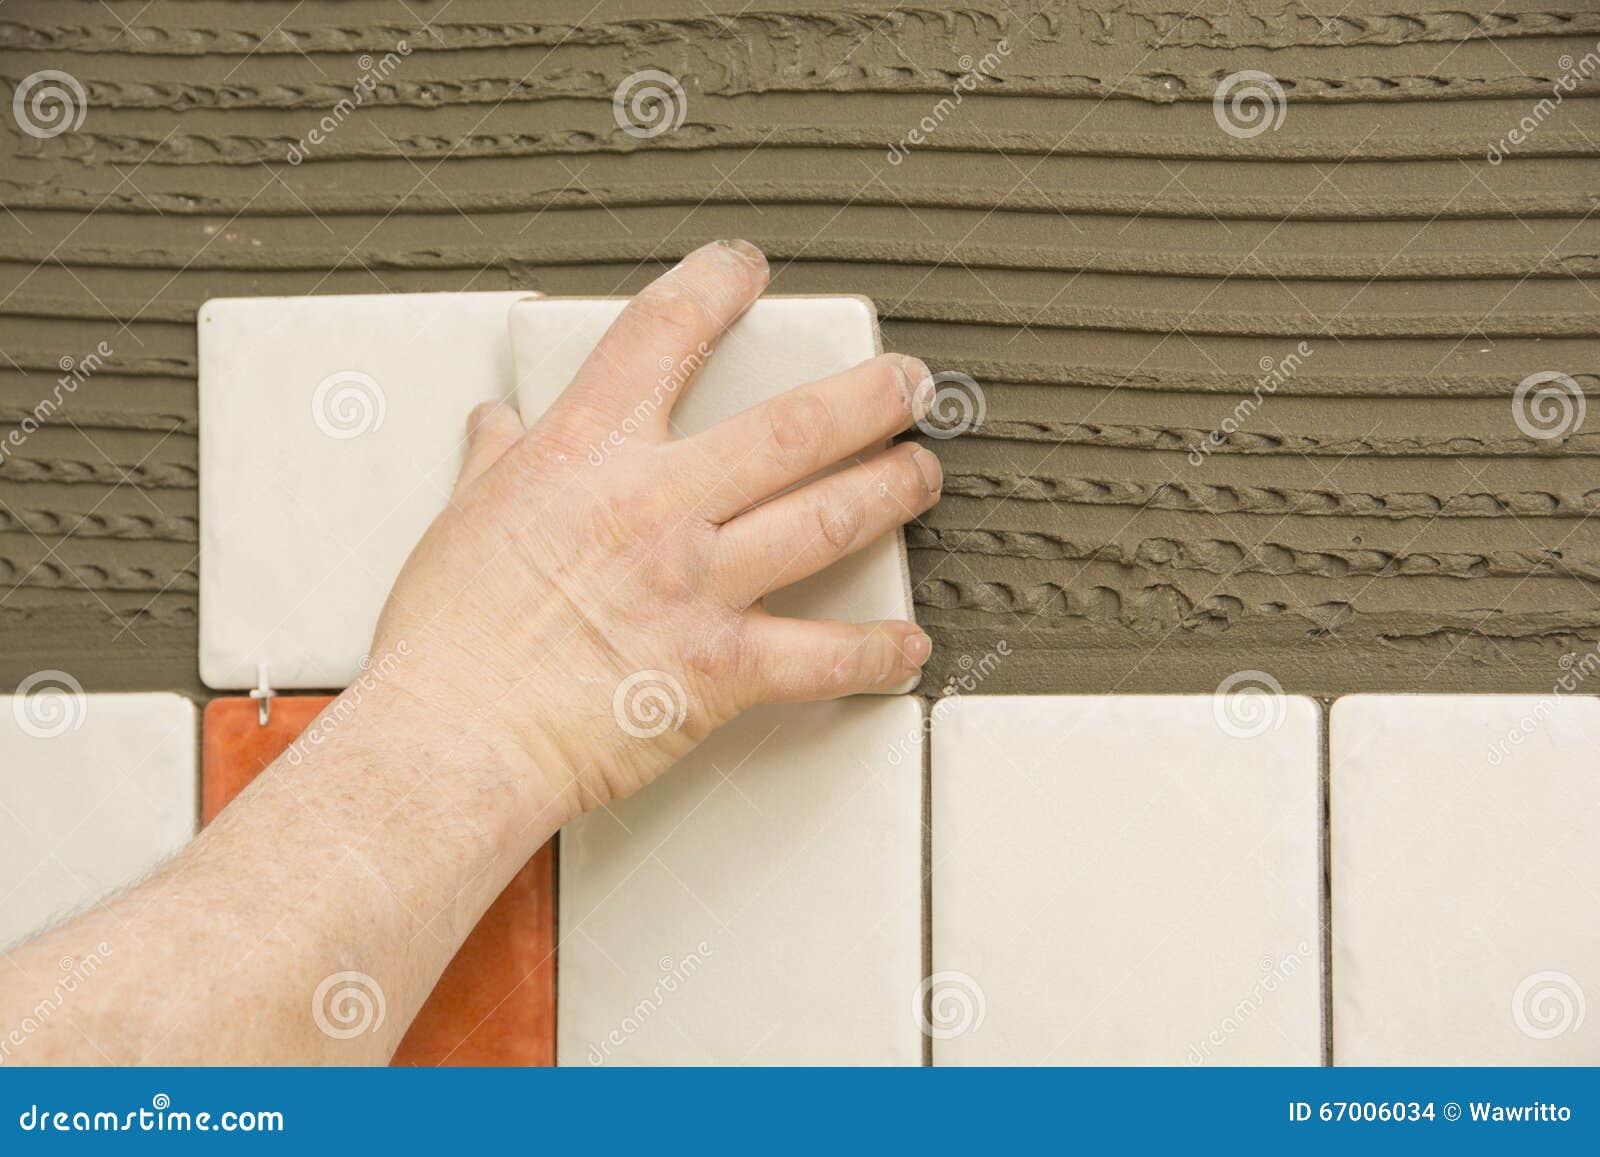 Download Man Installing Ceramic Tile Stock Photo - Image of repair, adhesive: 67006034